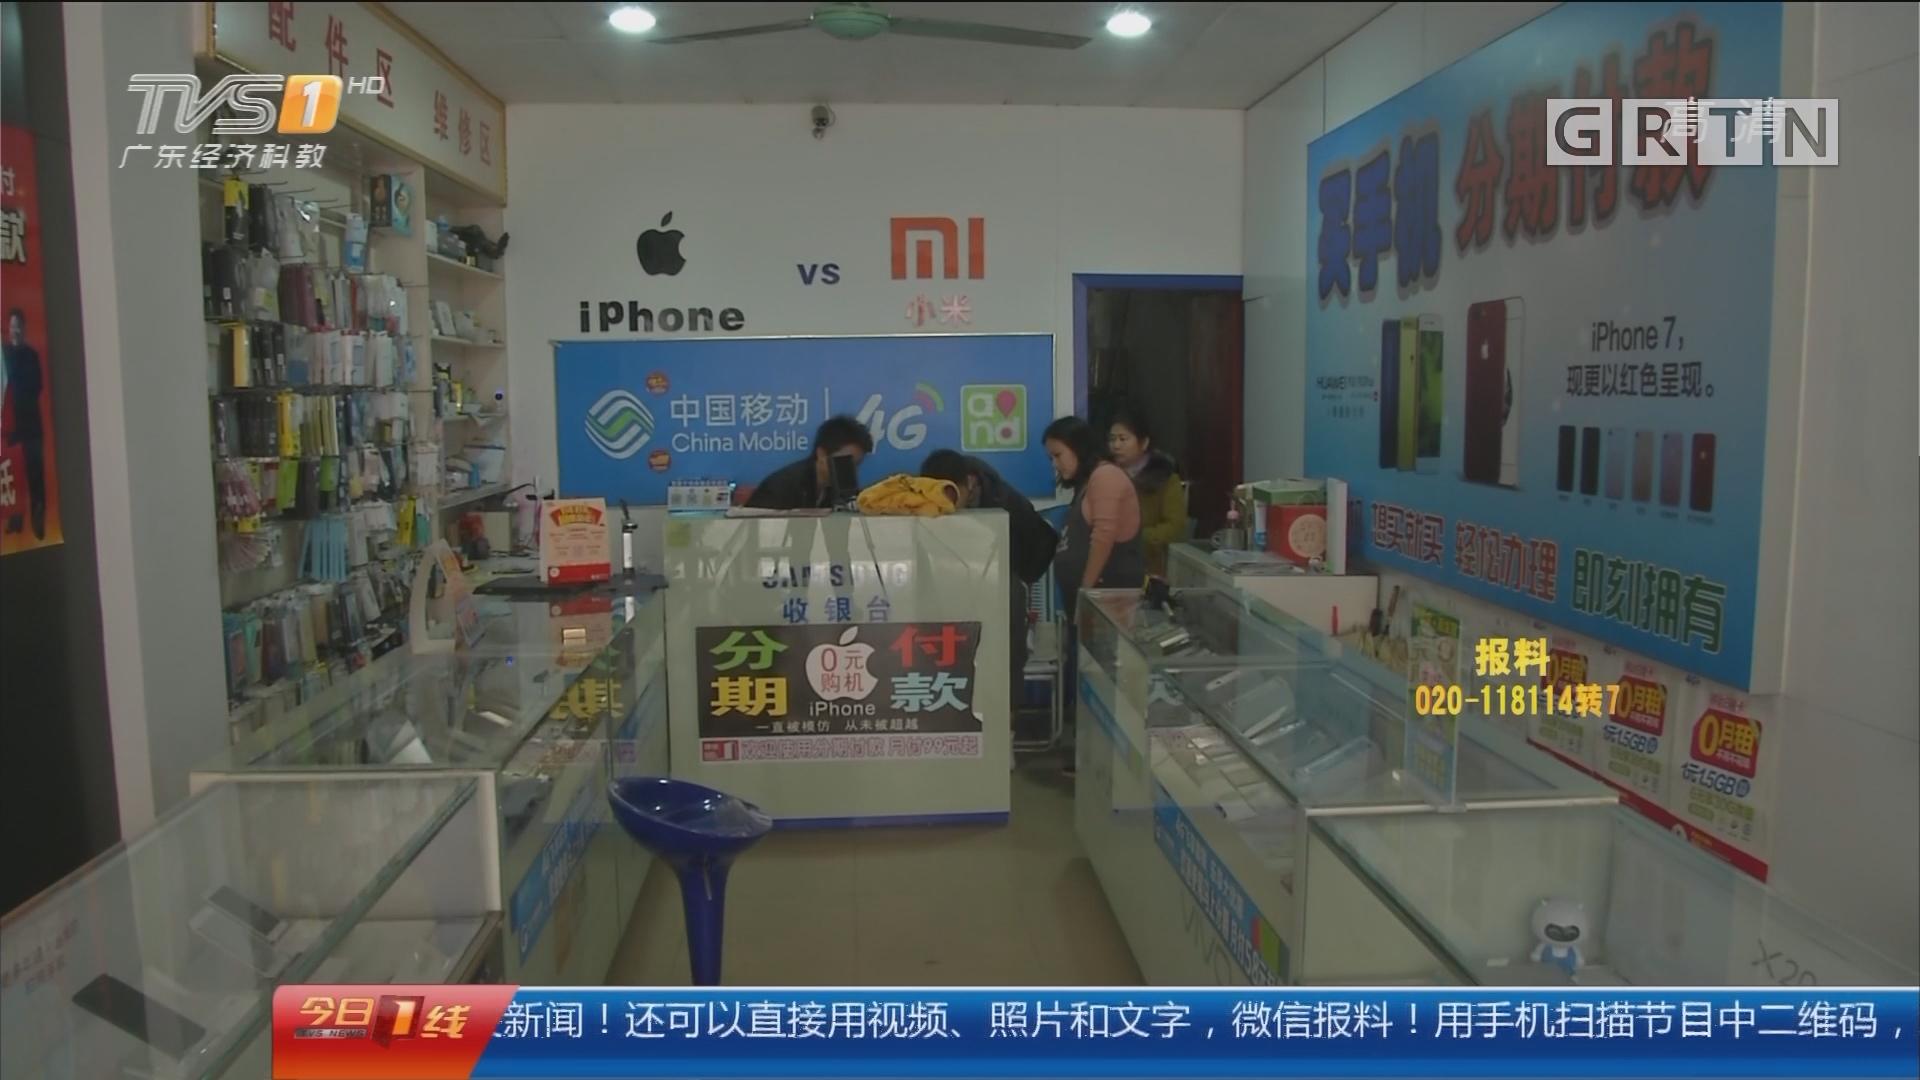 广州花都:里应外合 假顾客抢走两台手机